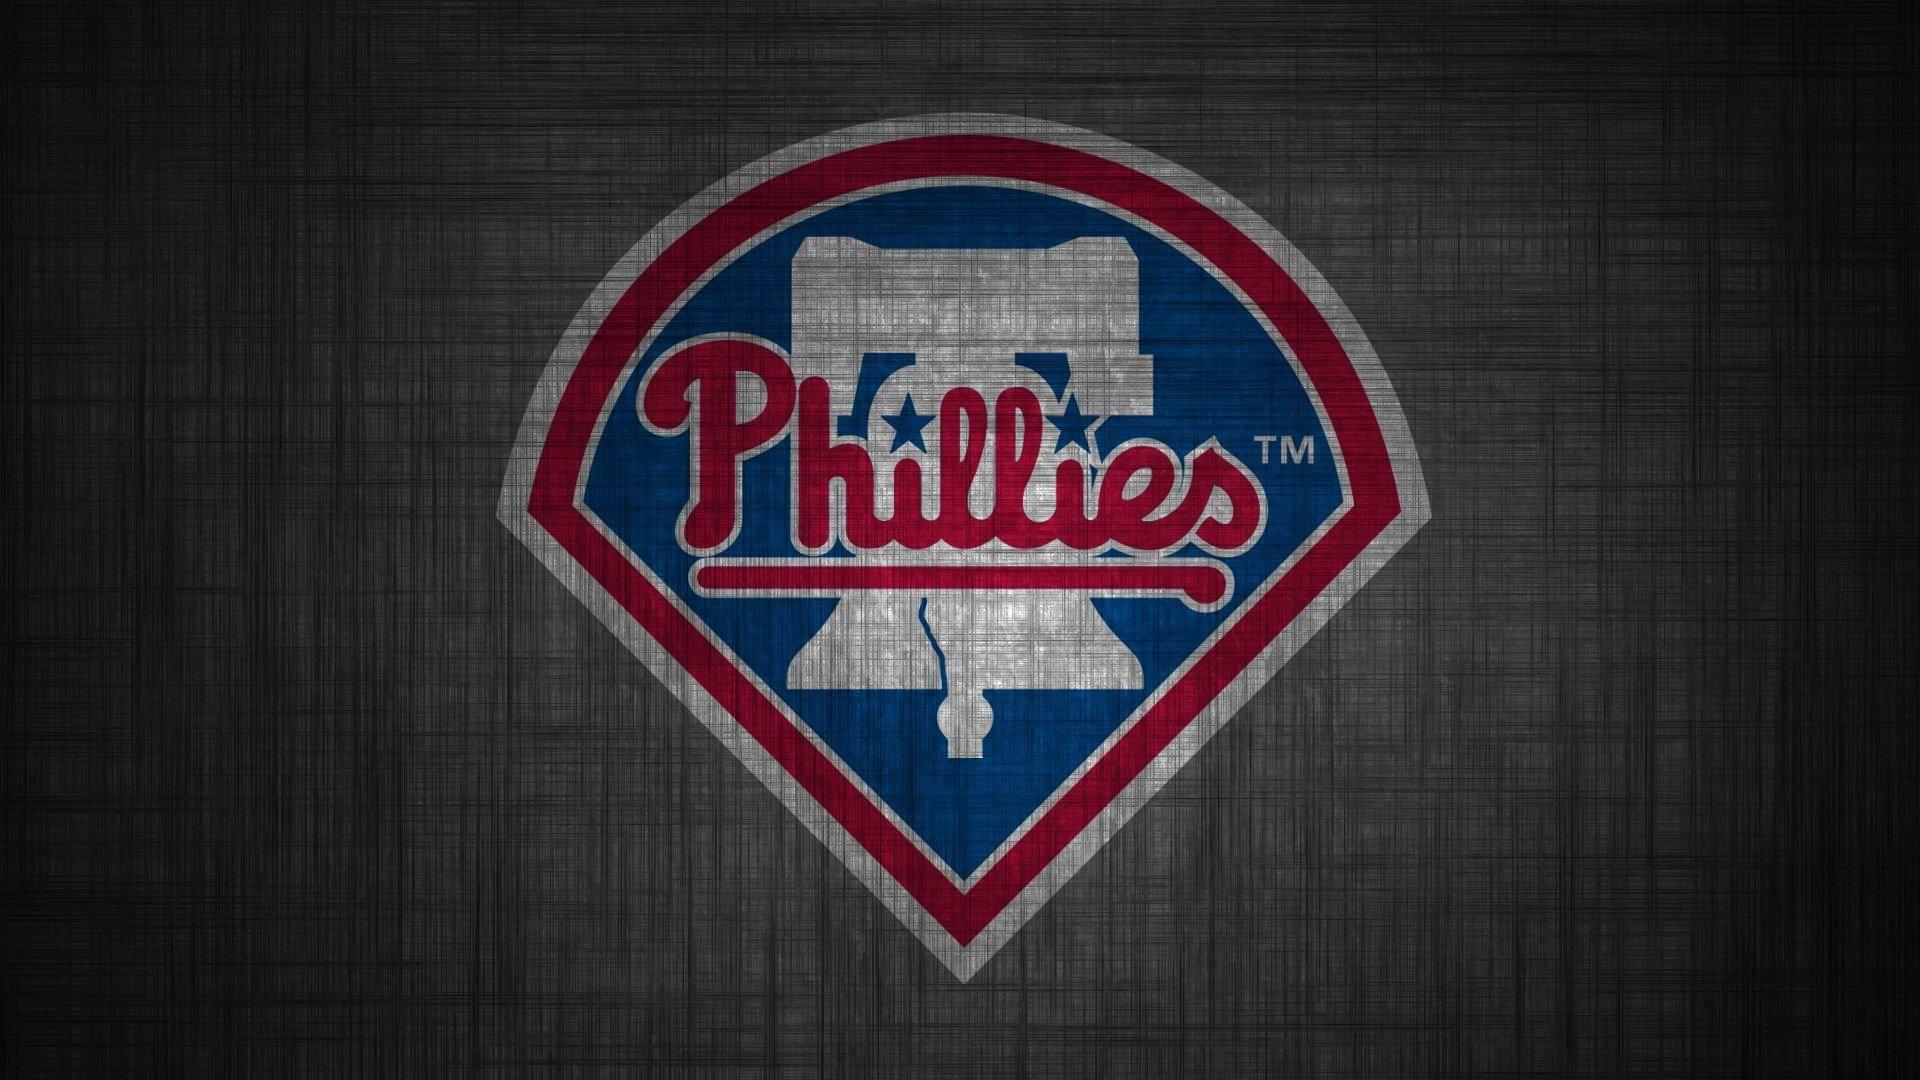 Phillies Logo screen wallpaper